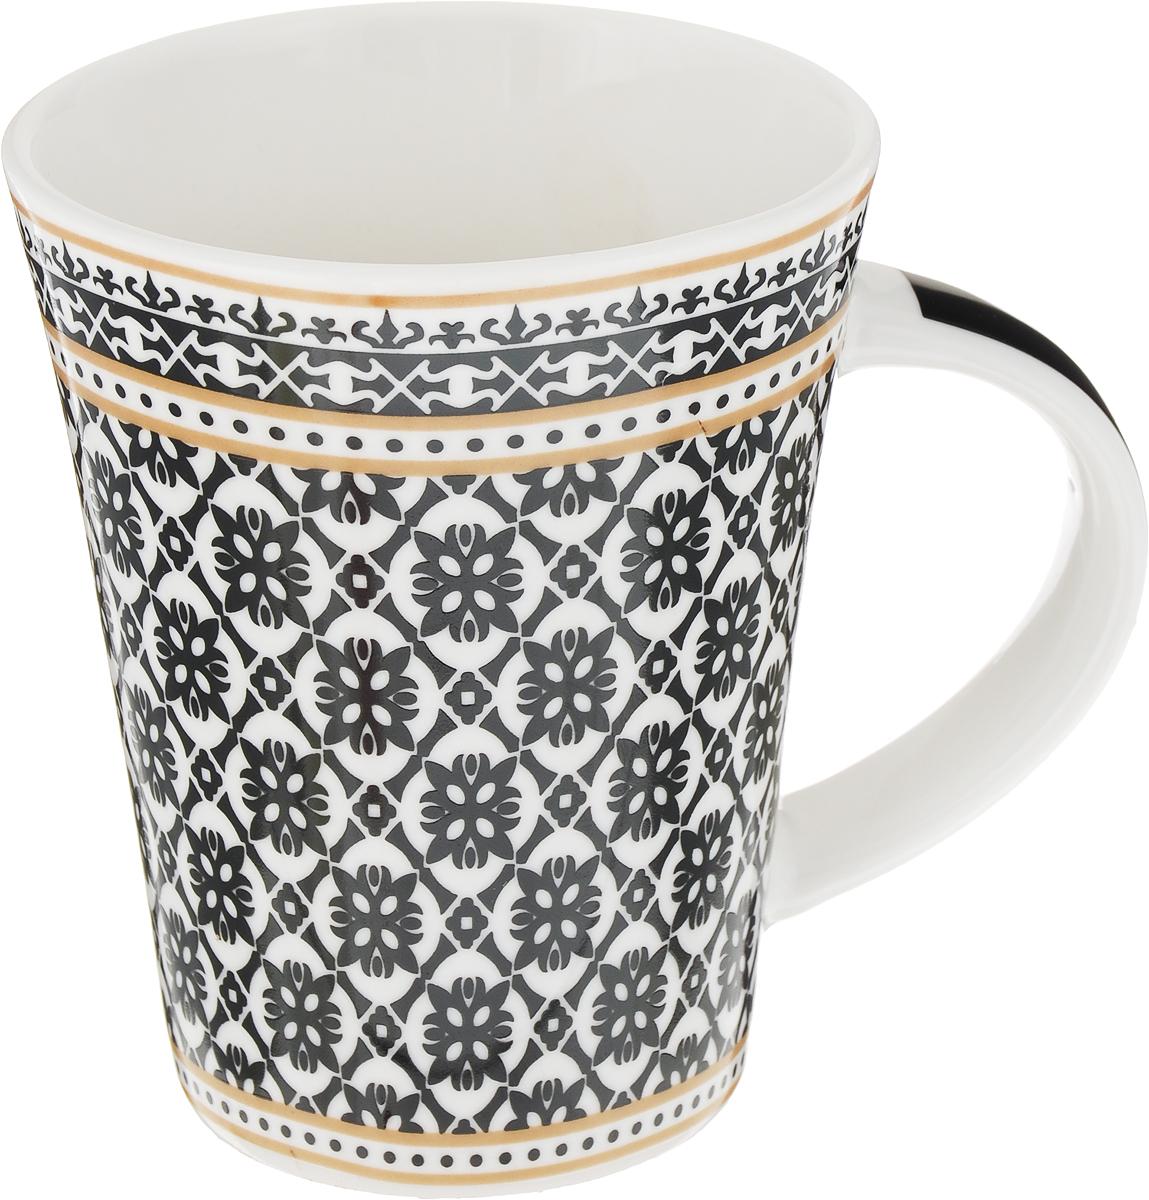 Кружка Ningbo Royal Бухара, цвет: белый, черный, 330 мл кружка кастет цвет черный серебристый